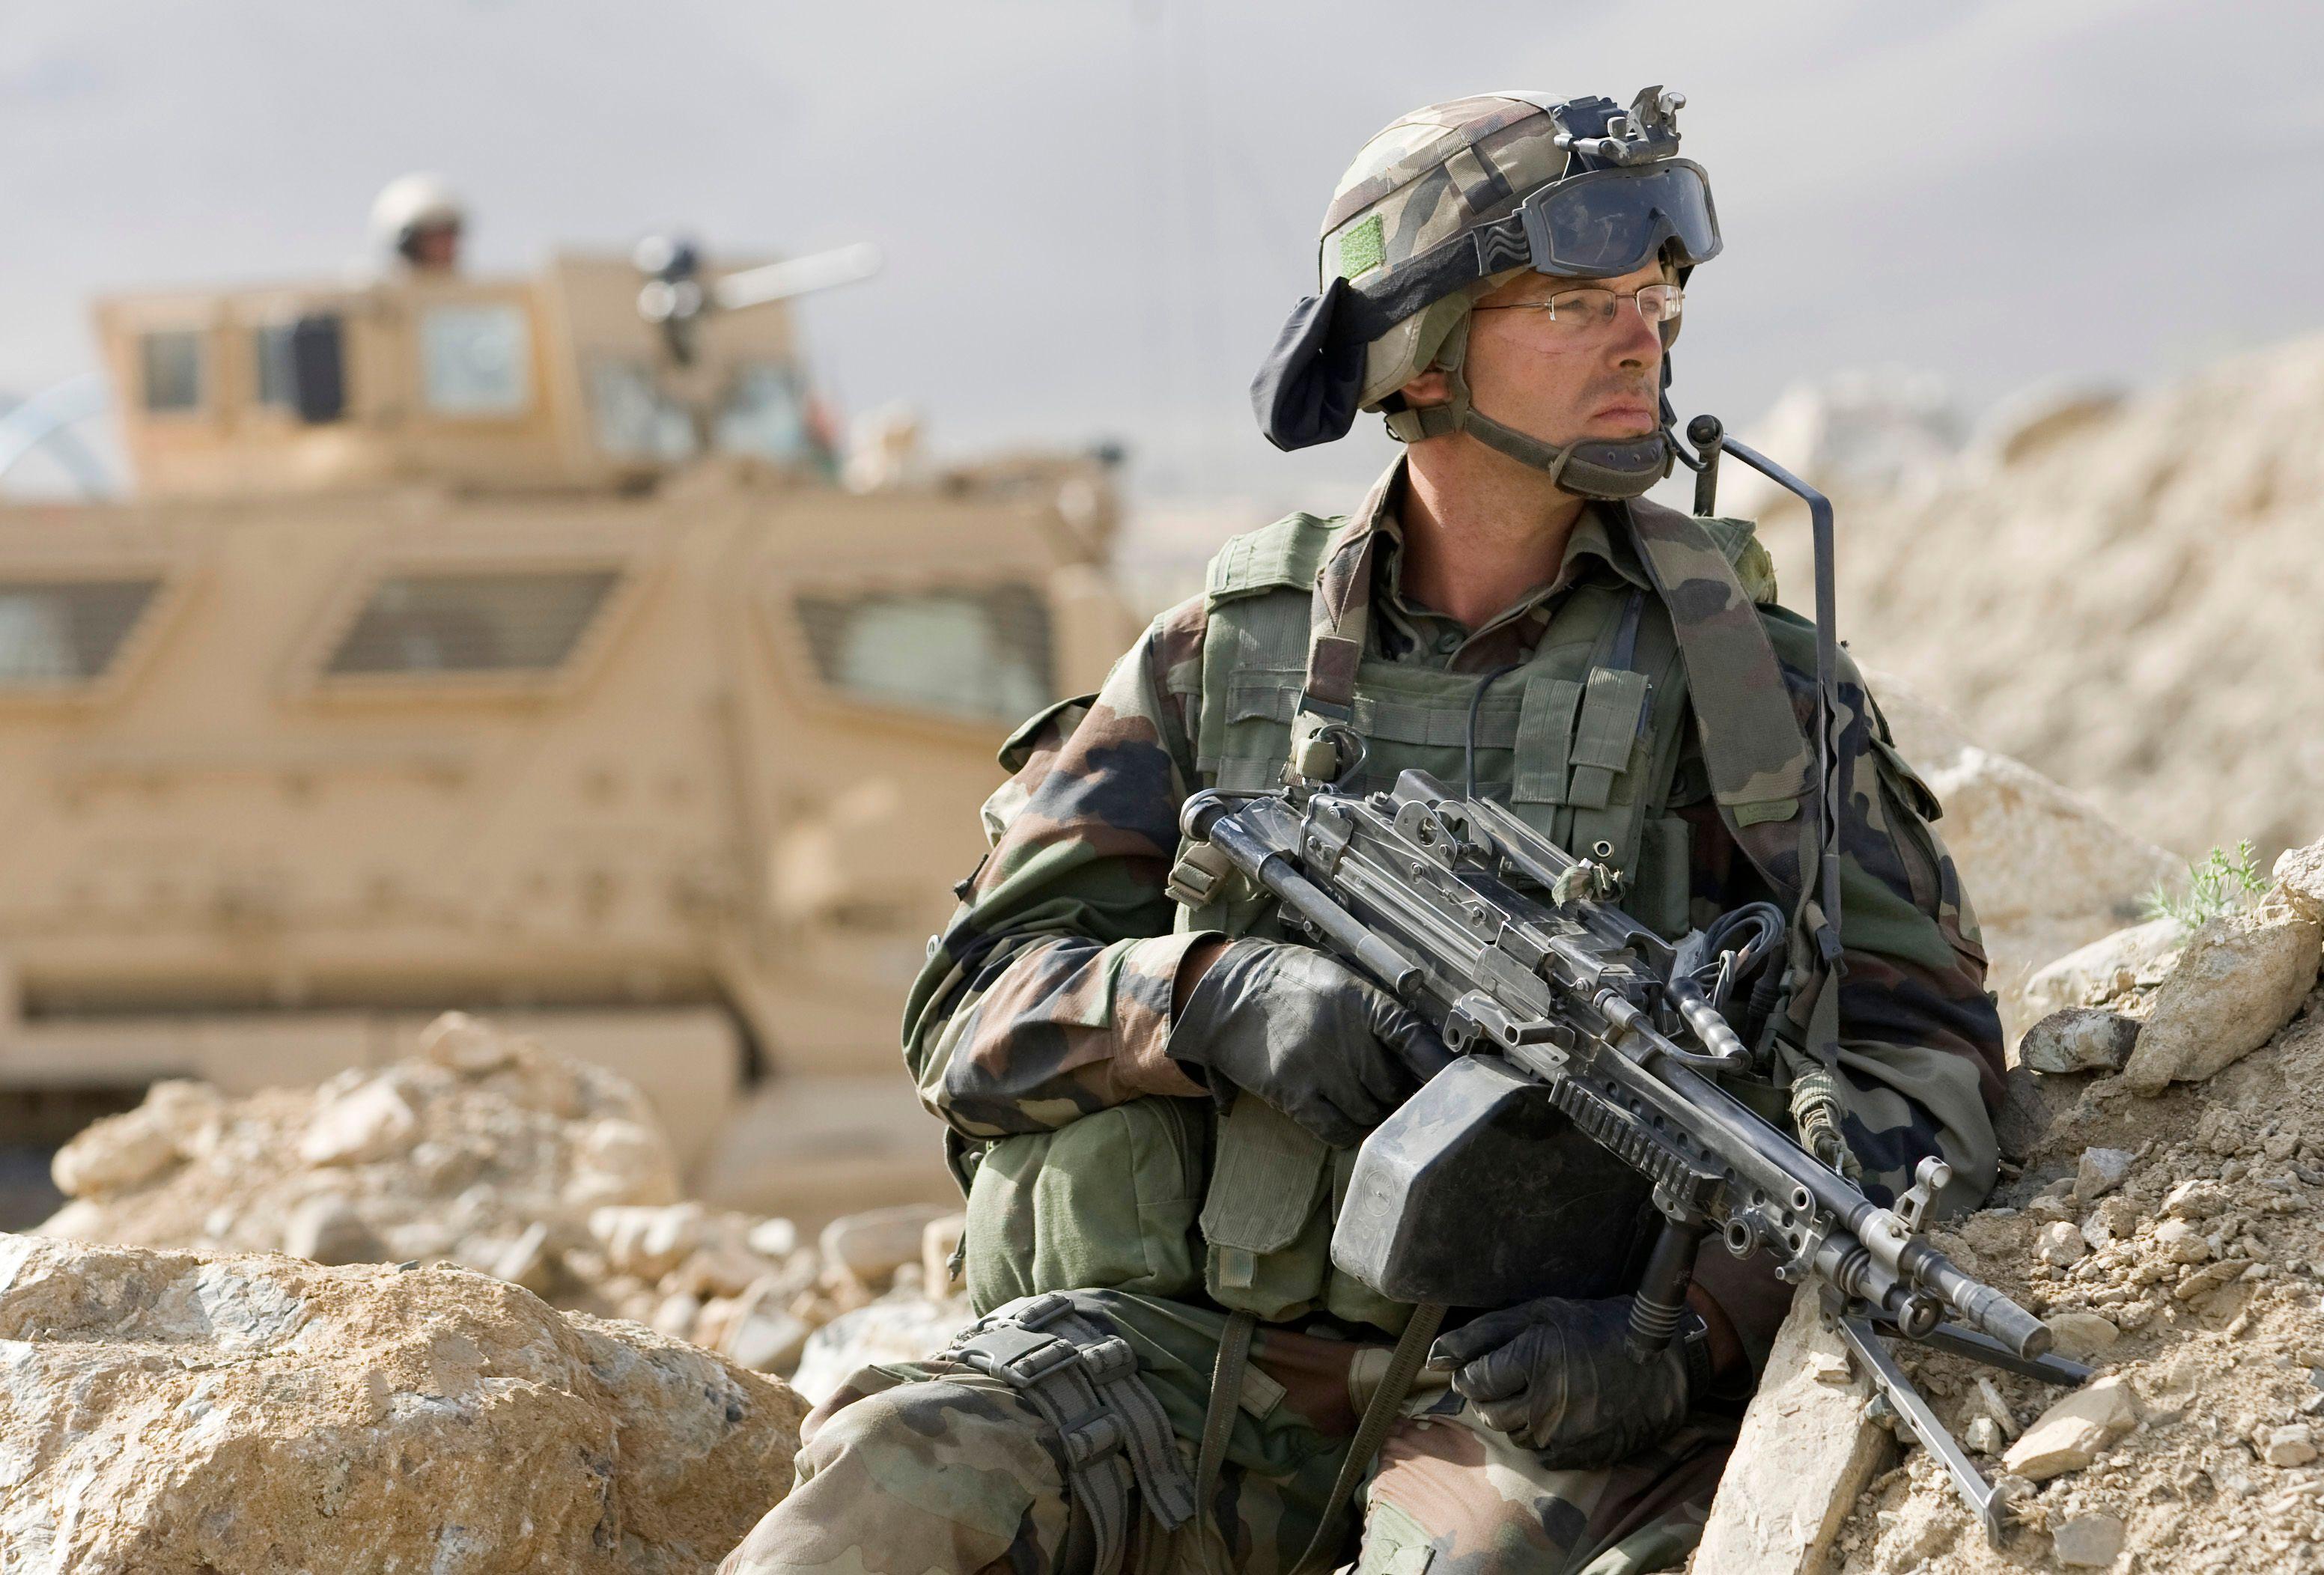 Somalie : le deuxième soldat français serait mort selon Al Chabaab